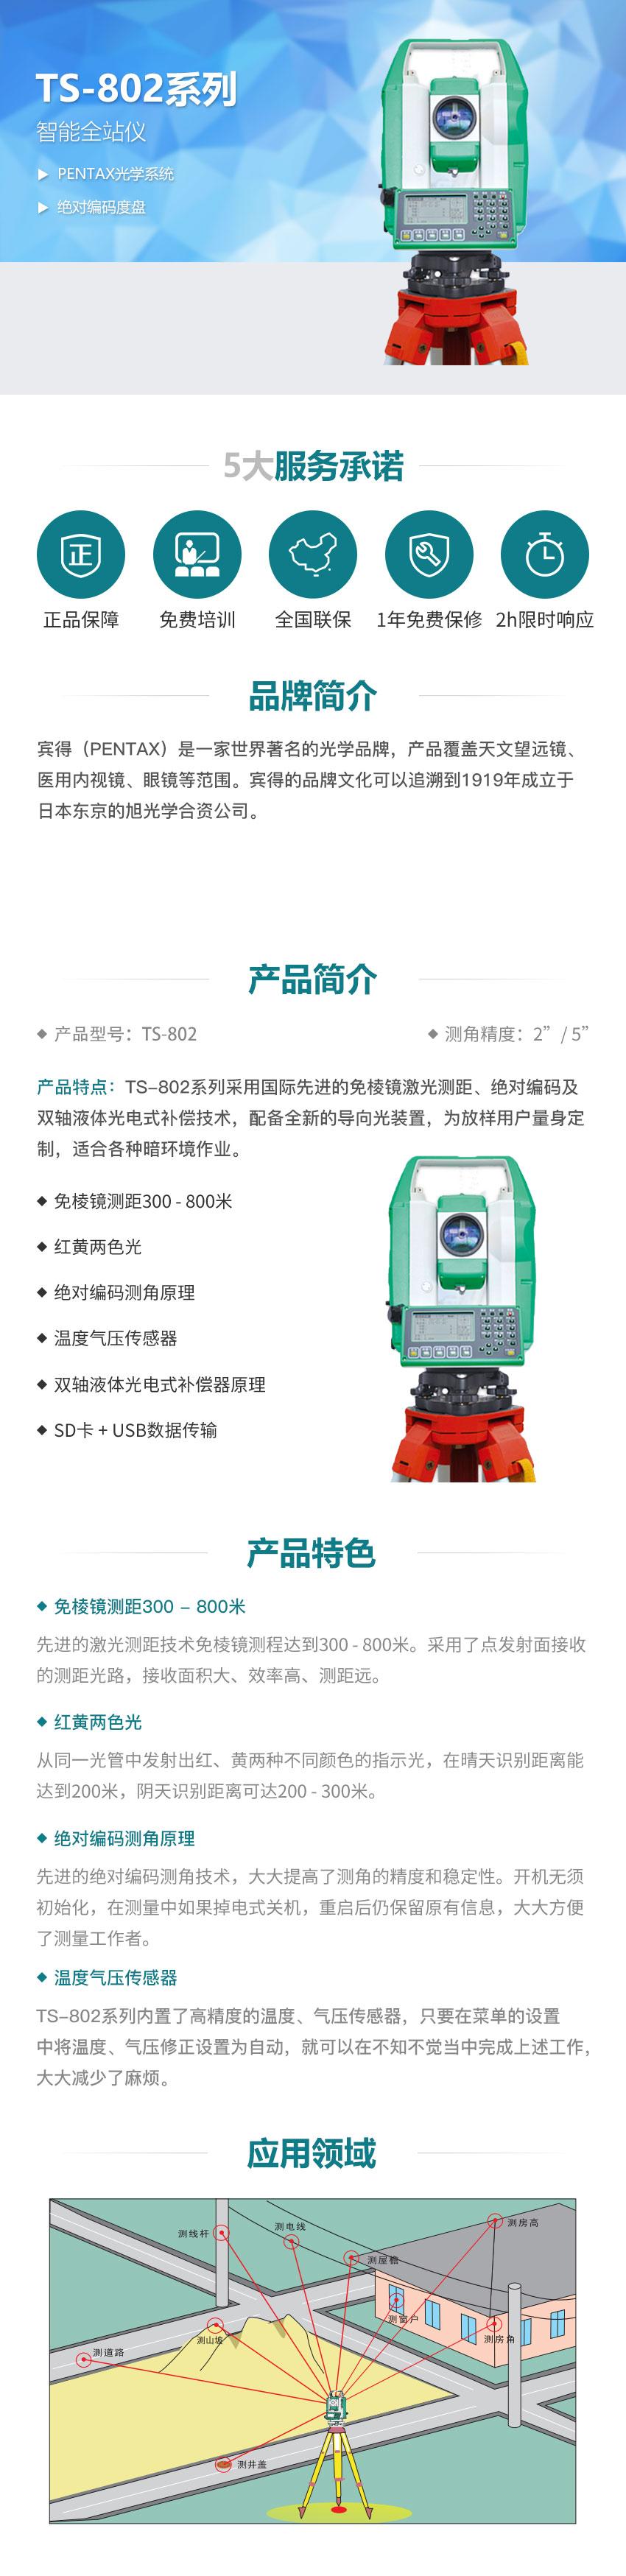 全站仪_宾得杰汉TS-802系列全站仪.jpg